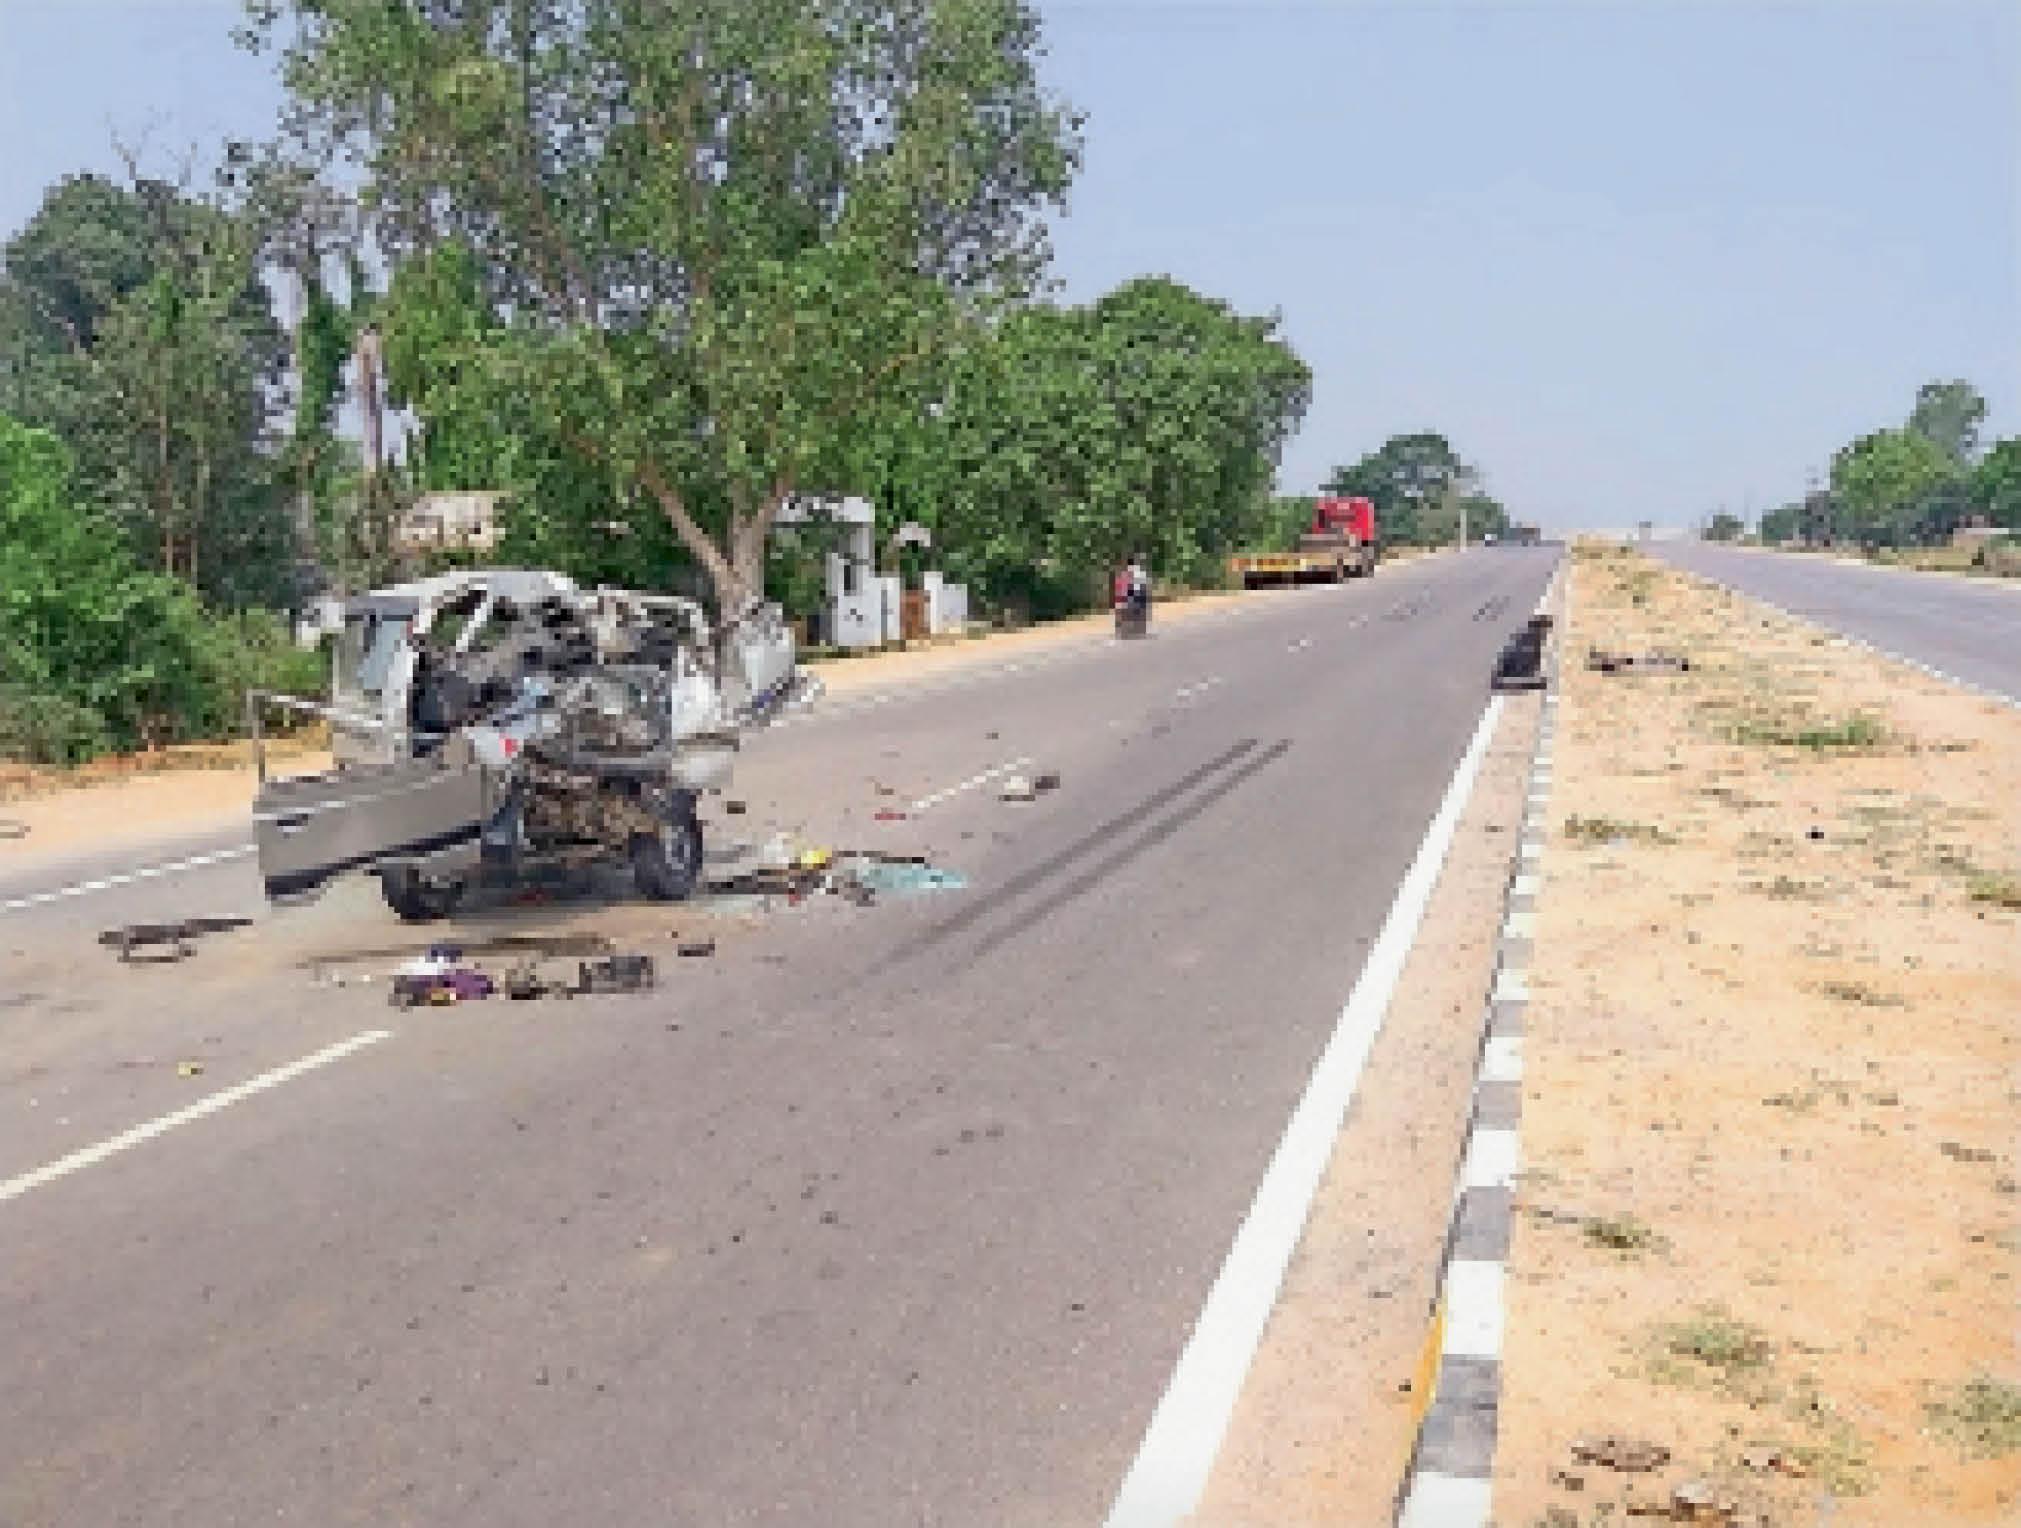 चित्रकूट से लौट रहे परिवार की कार टैंकर से टकराई, लोगों की मौत|टीकमगढ़,Tikamgarh - Dainik Bhaskar